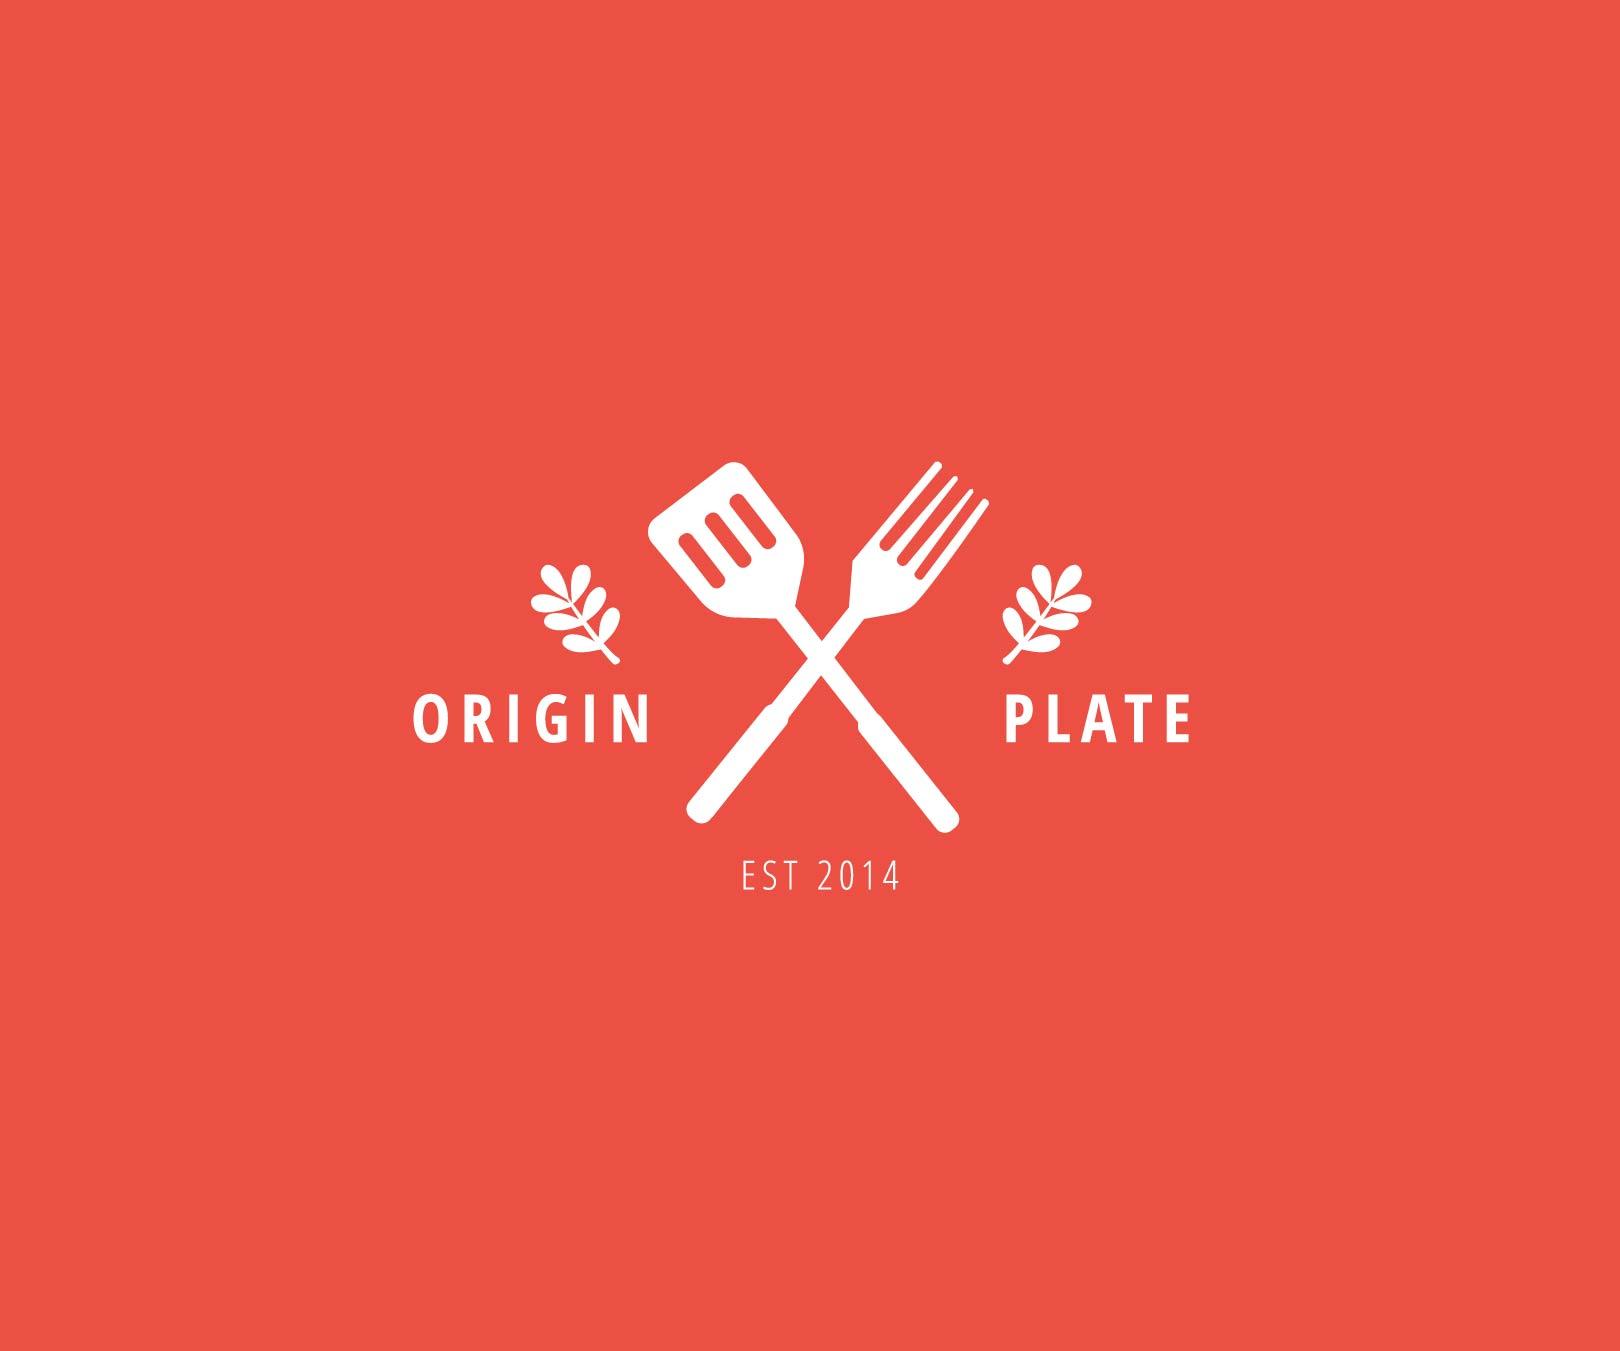 Origin Plate